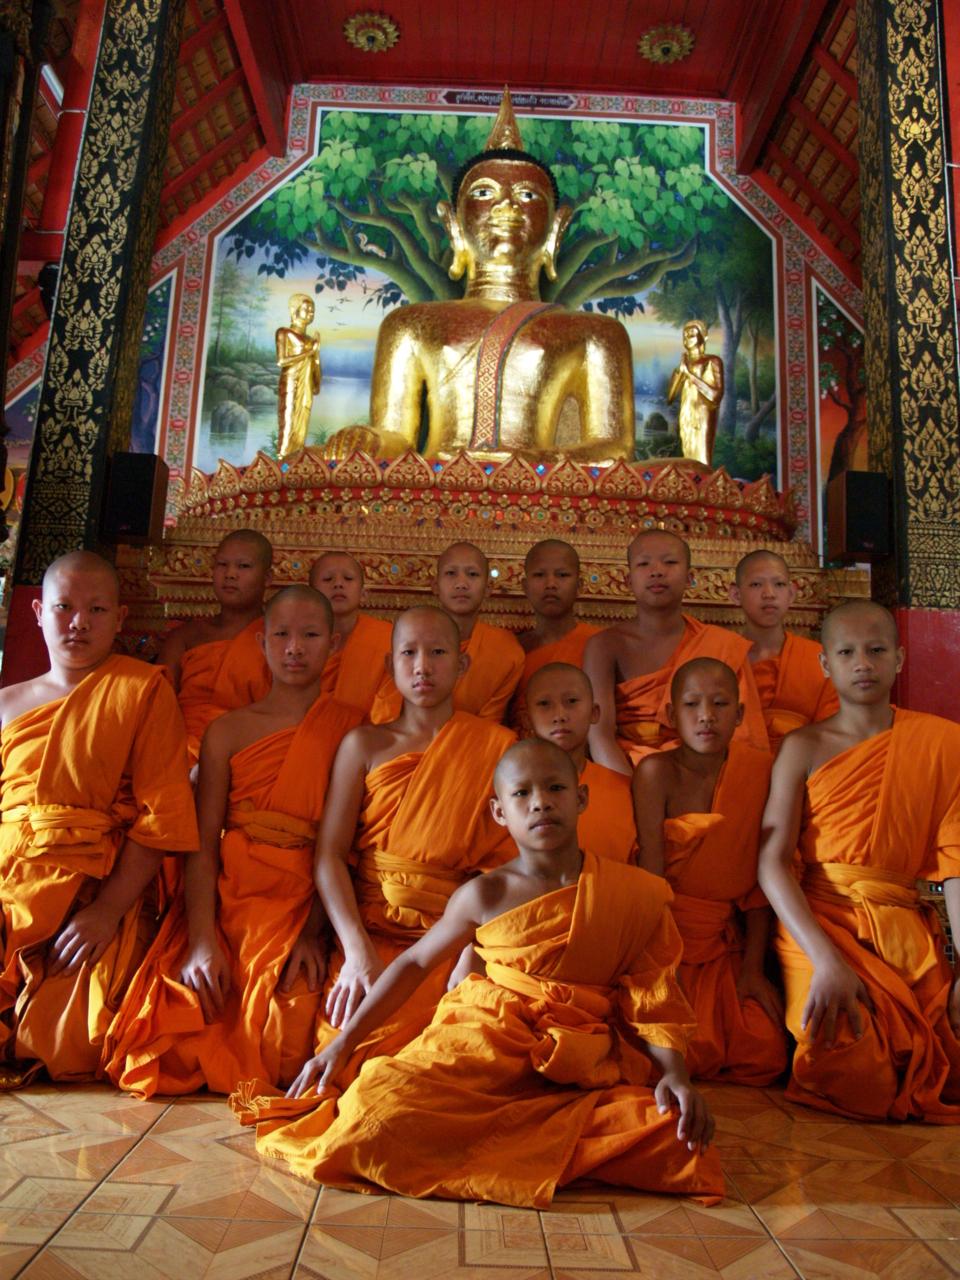 P9251421   พระพุทธรูปหลังจากบูรณะแล้ว   วัดดอกพร้าว เมือง ลำปาง